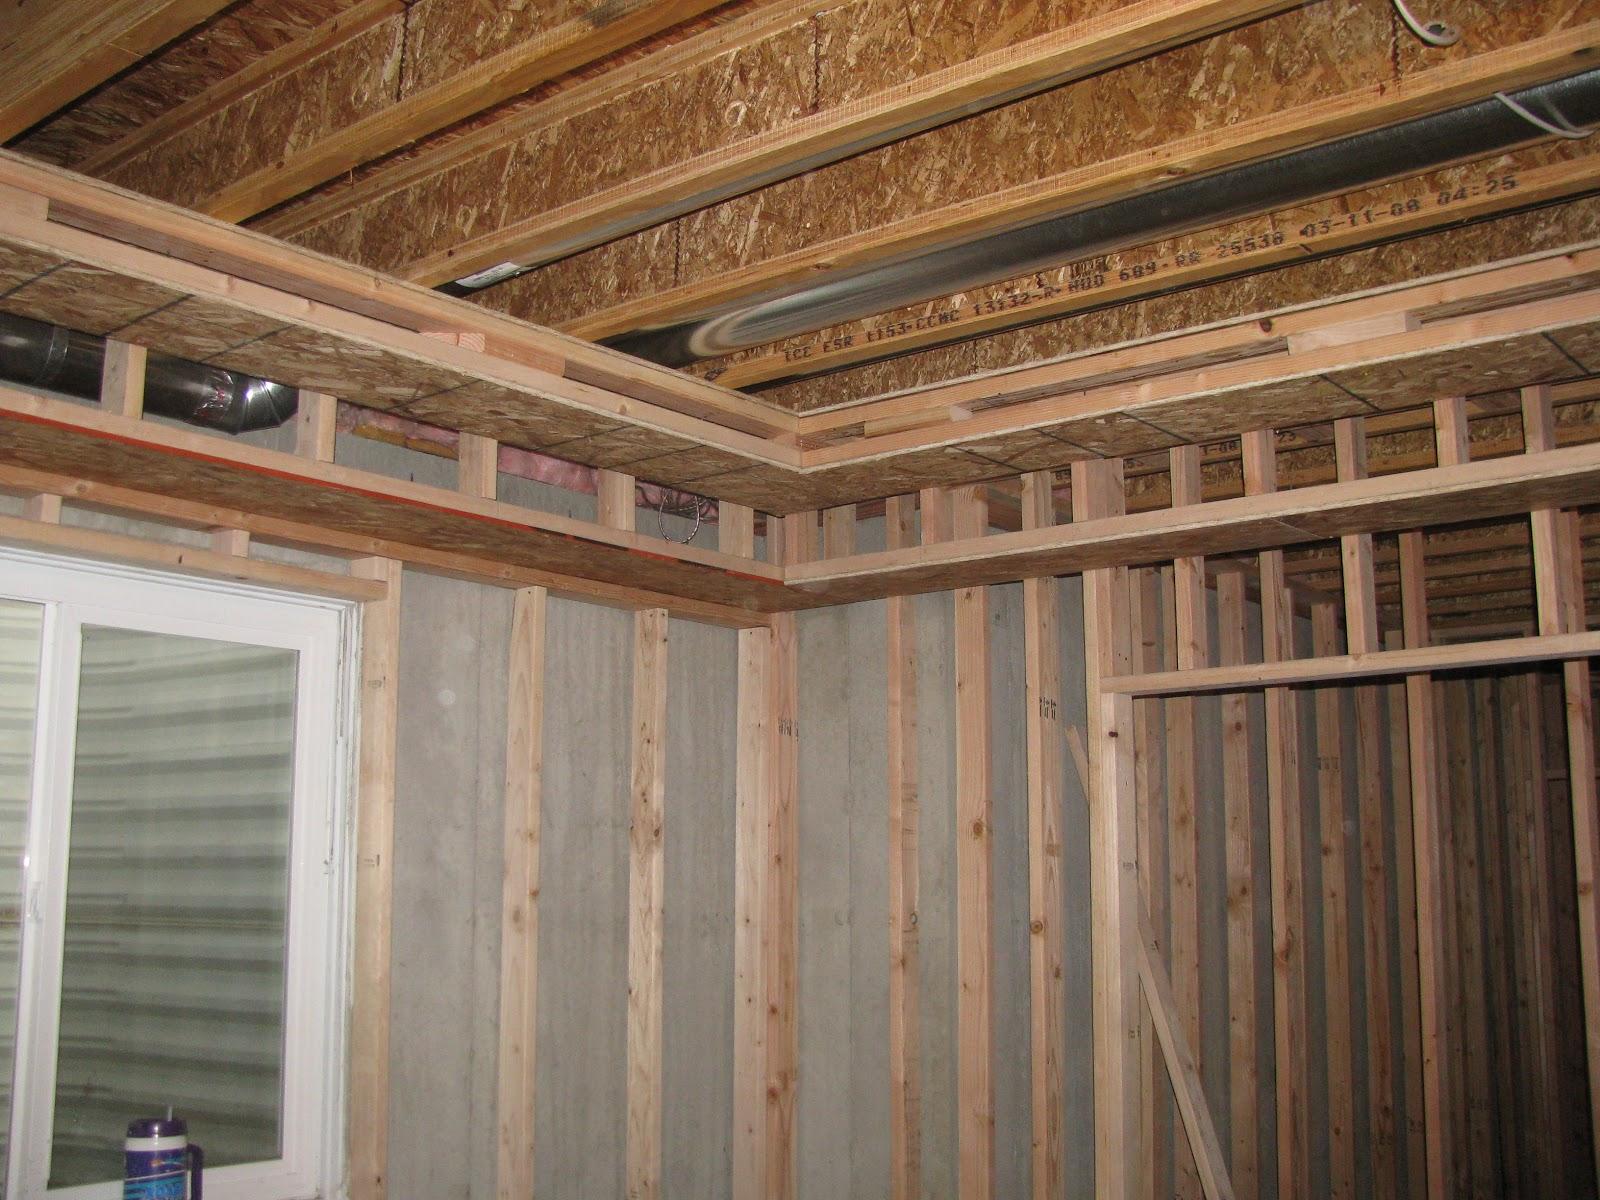 Stepped Ceiling Framing | Integralbook.com